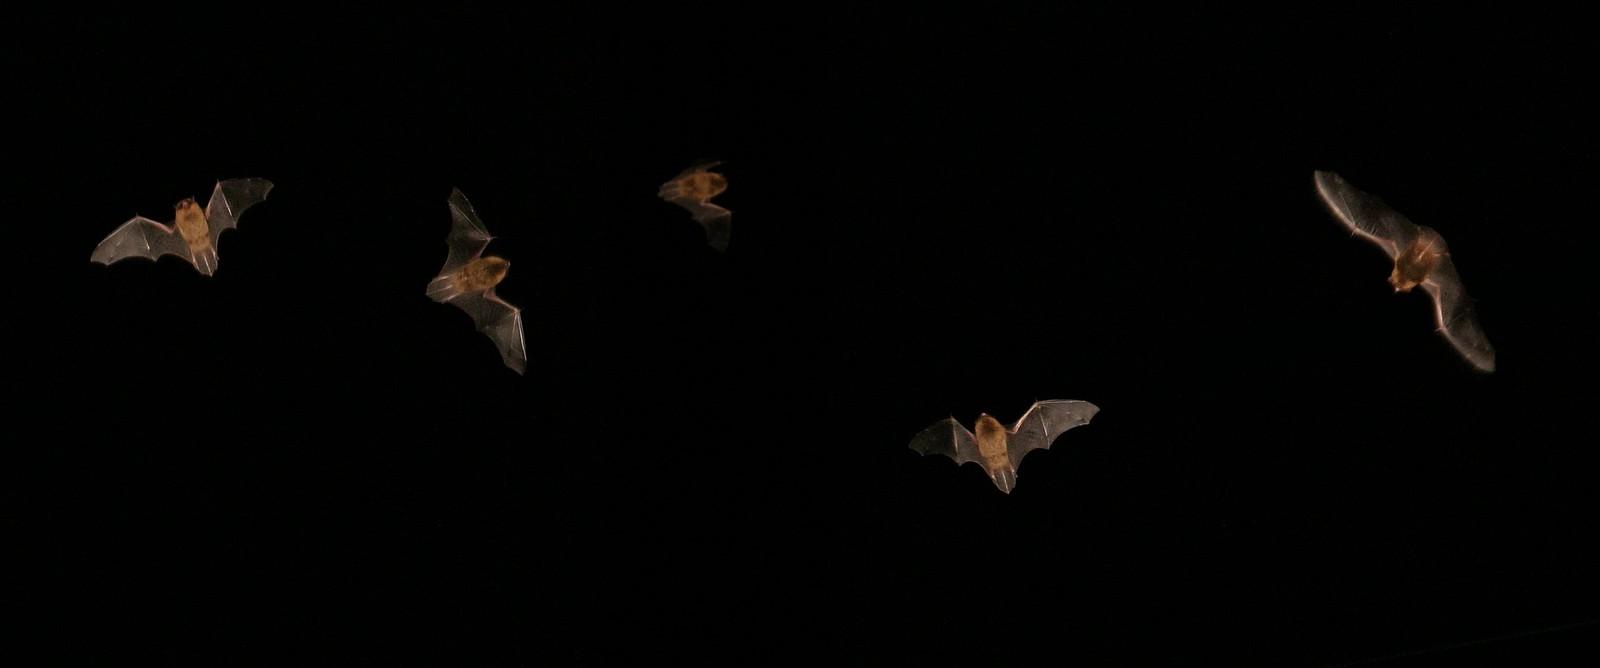 bats in scottish night sky